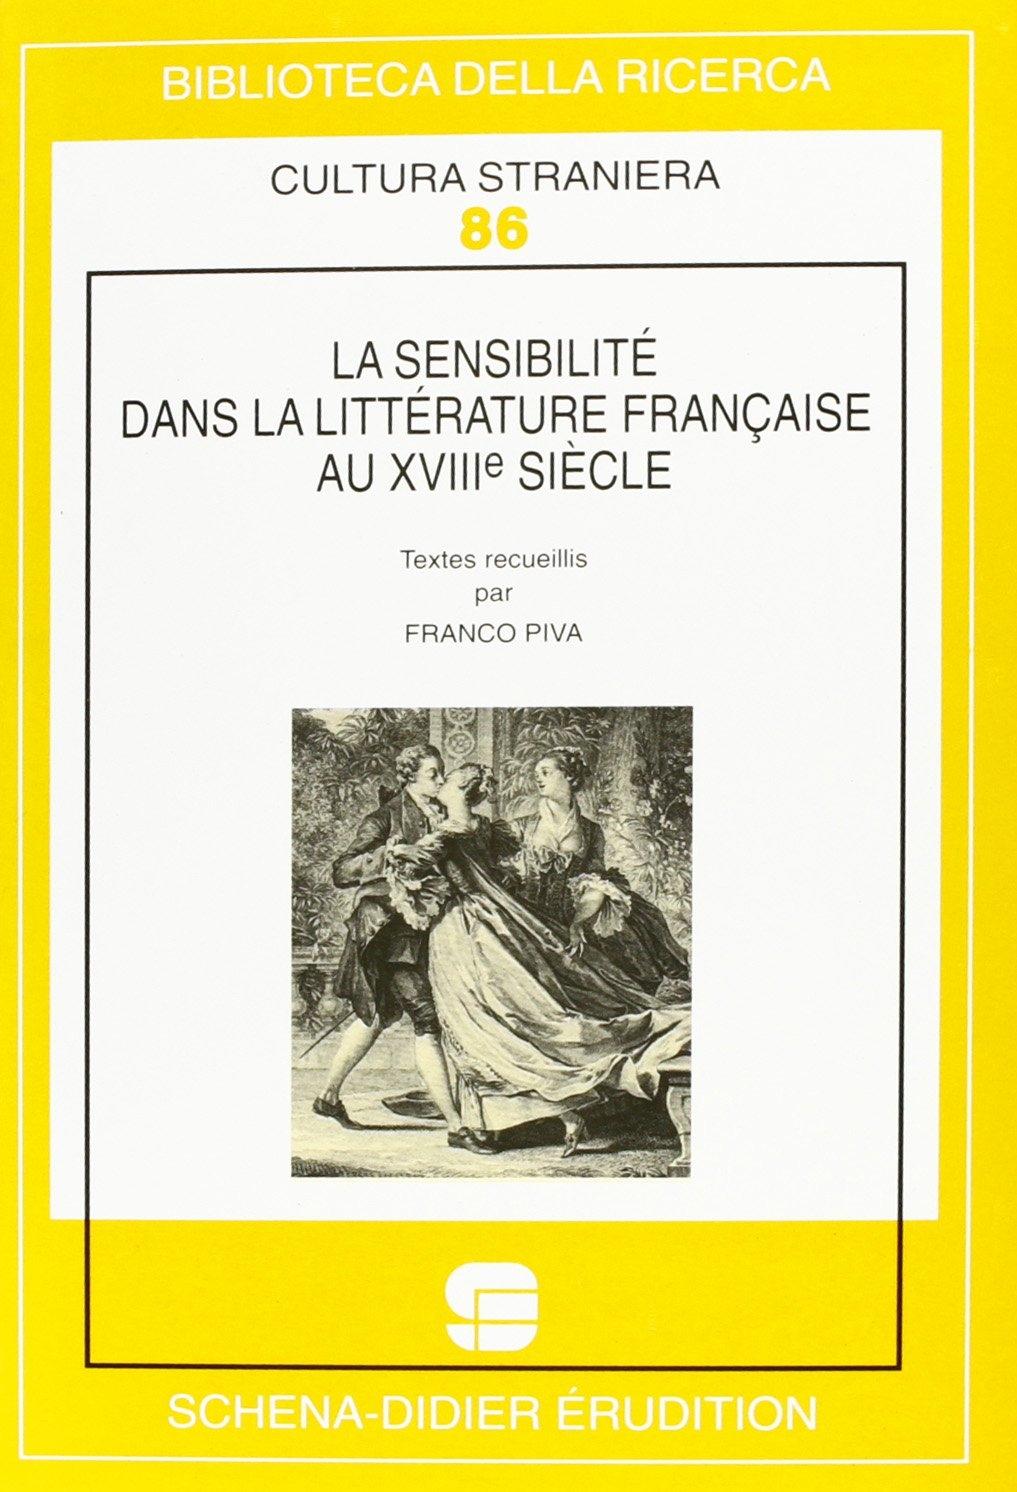 La sensibilité dans la littérature française au XVIIIe siècle